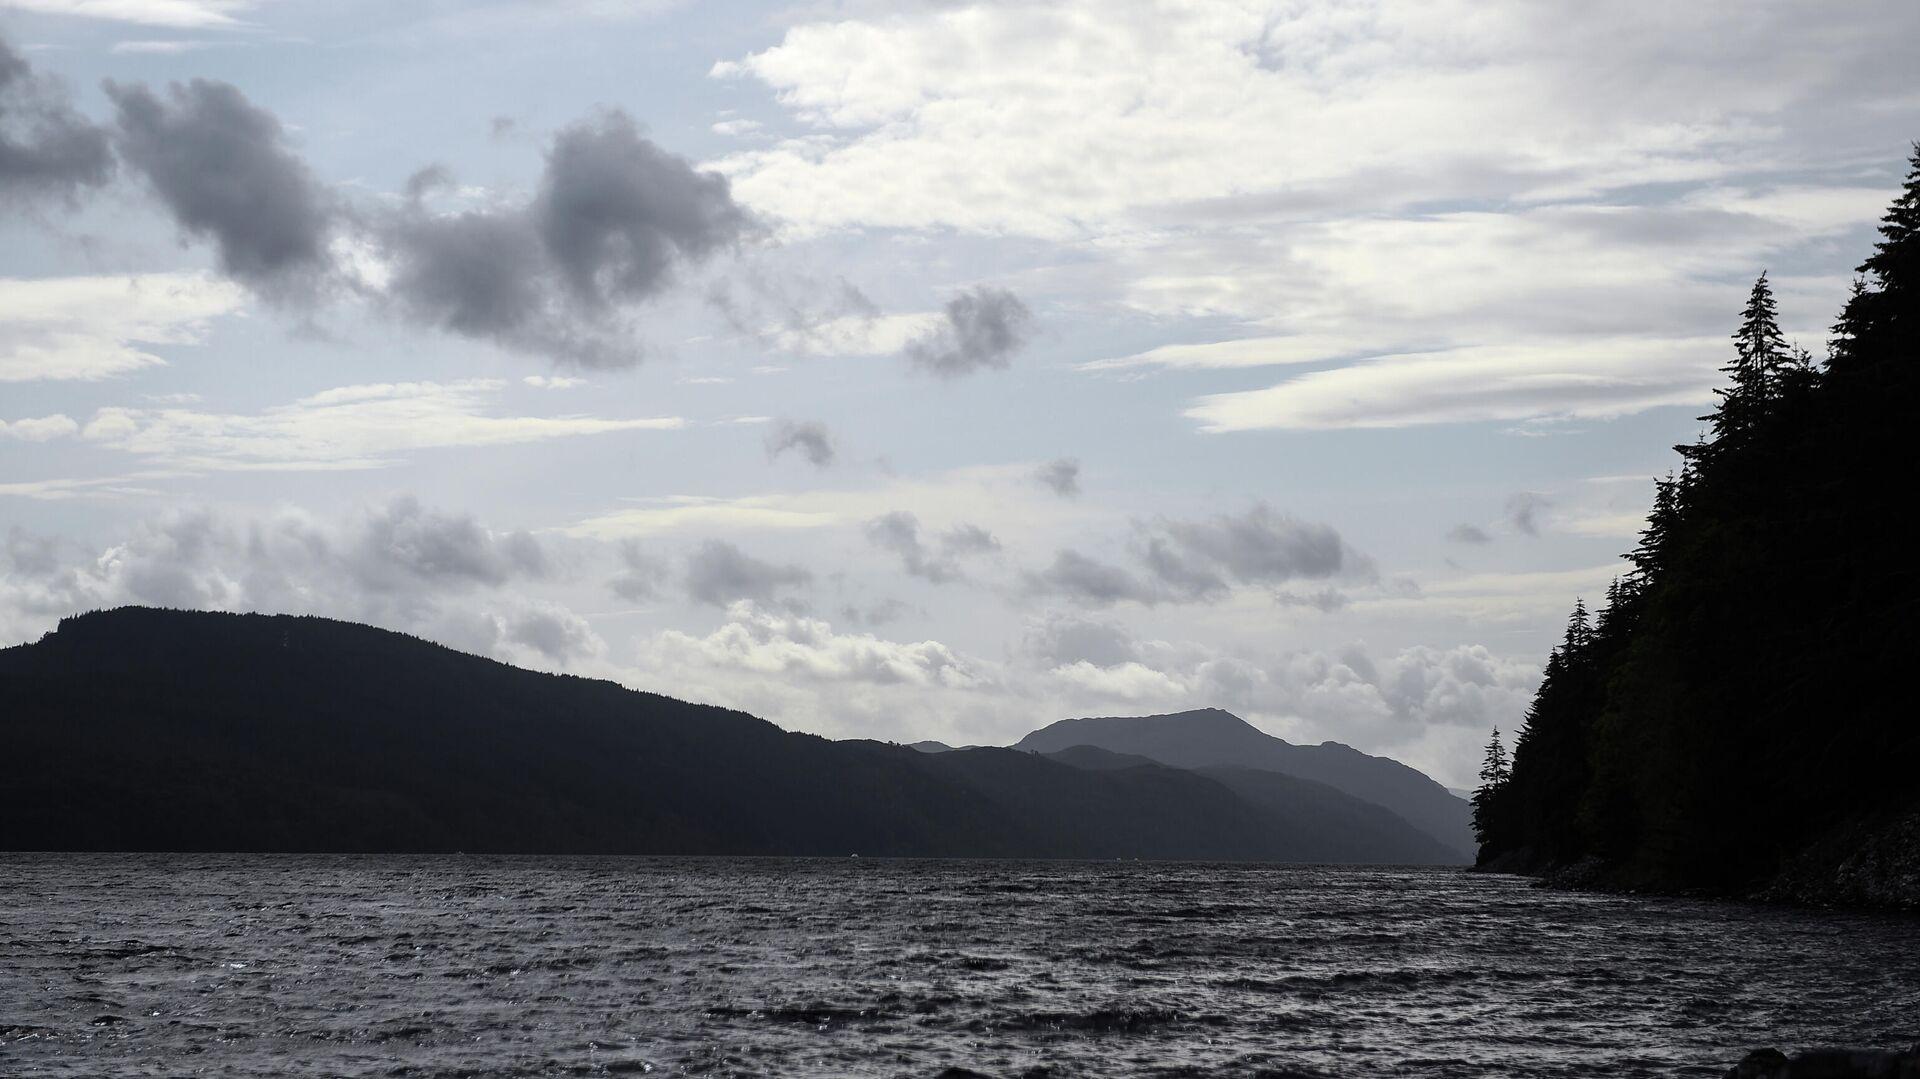 Loch Ness - SNA, 1920, 19.01.2021